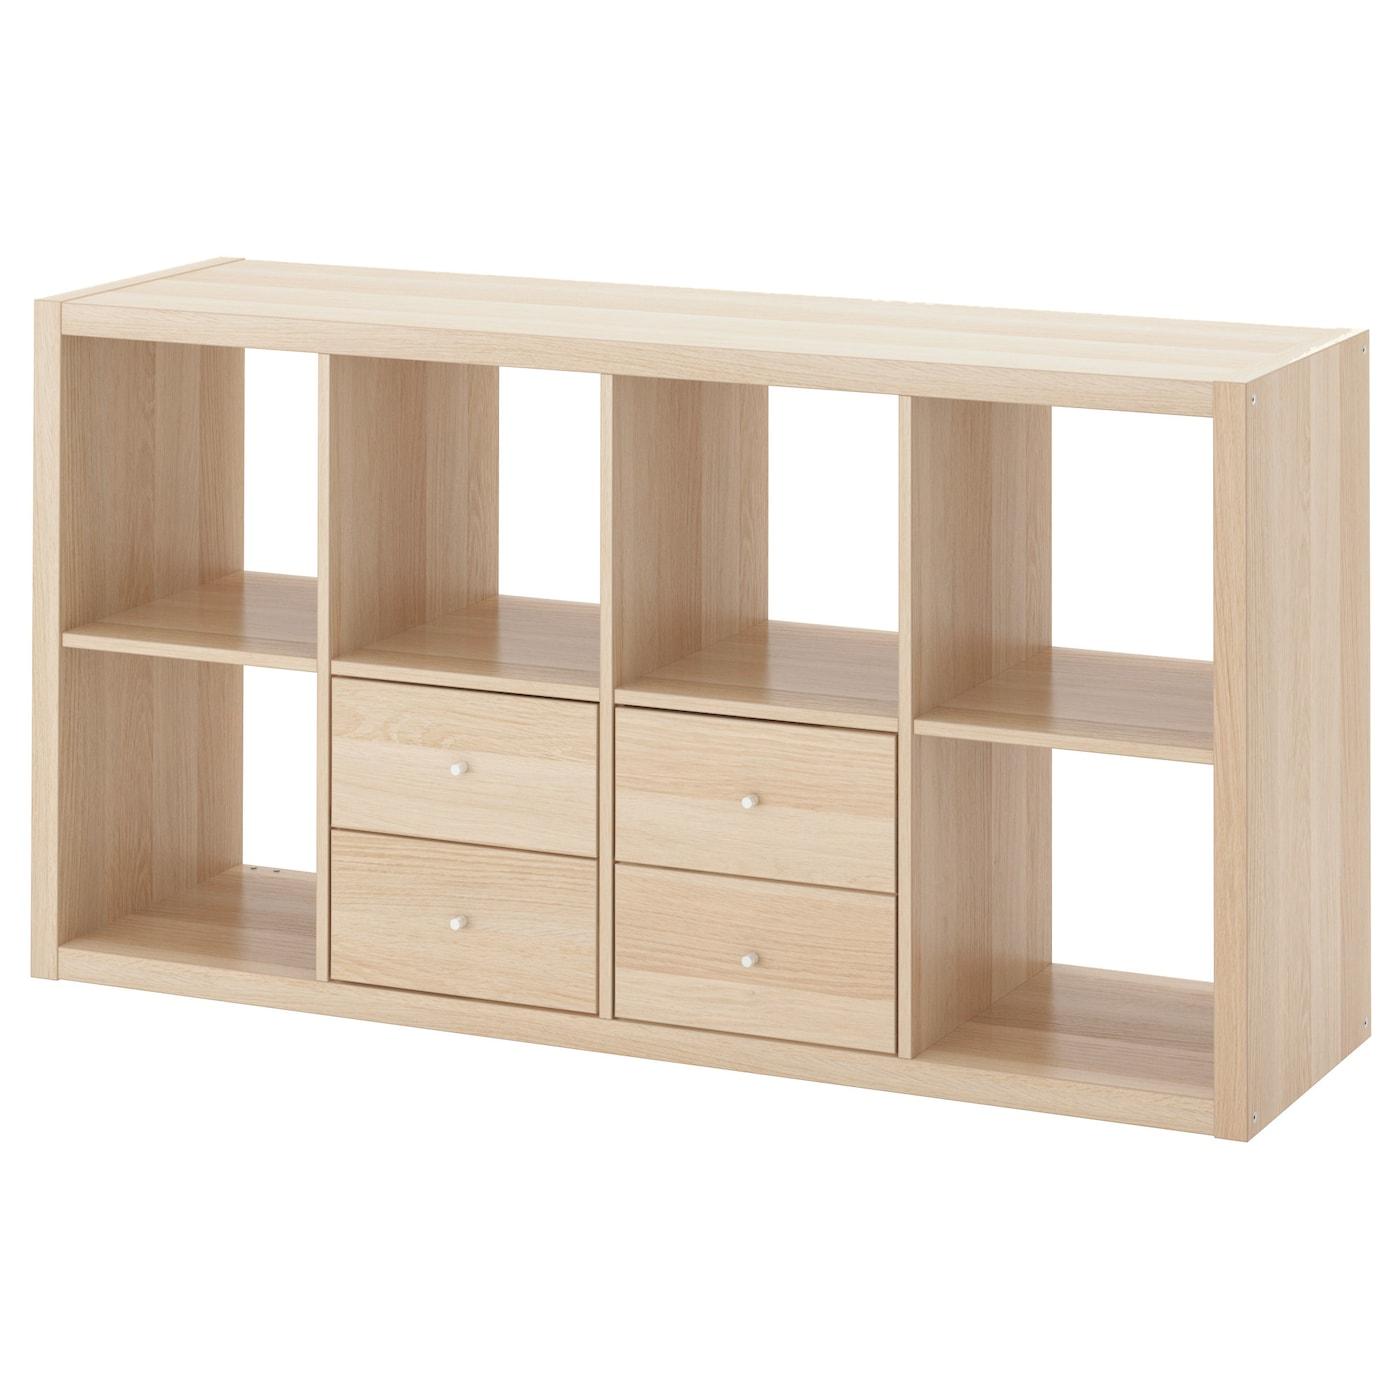 KALLAX | Wohnzimmer > Regale > Regalsysteme | Abs | IKEA